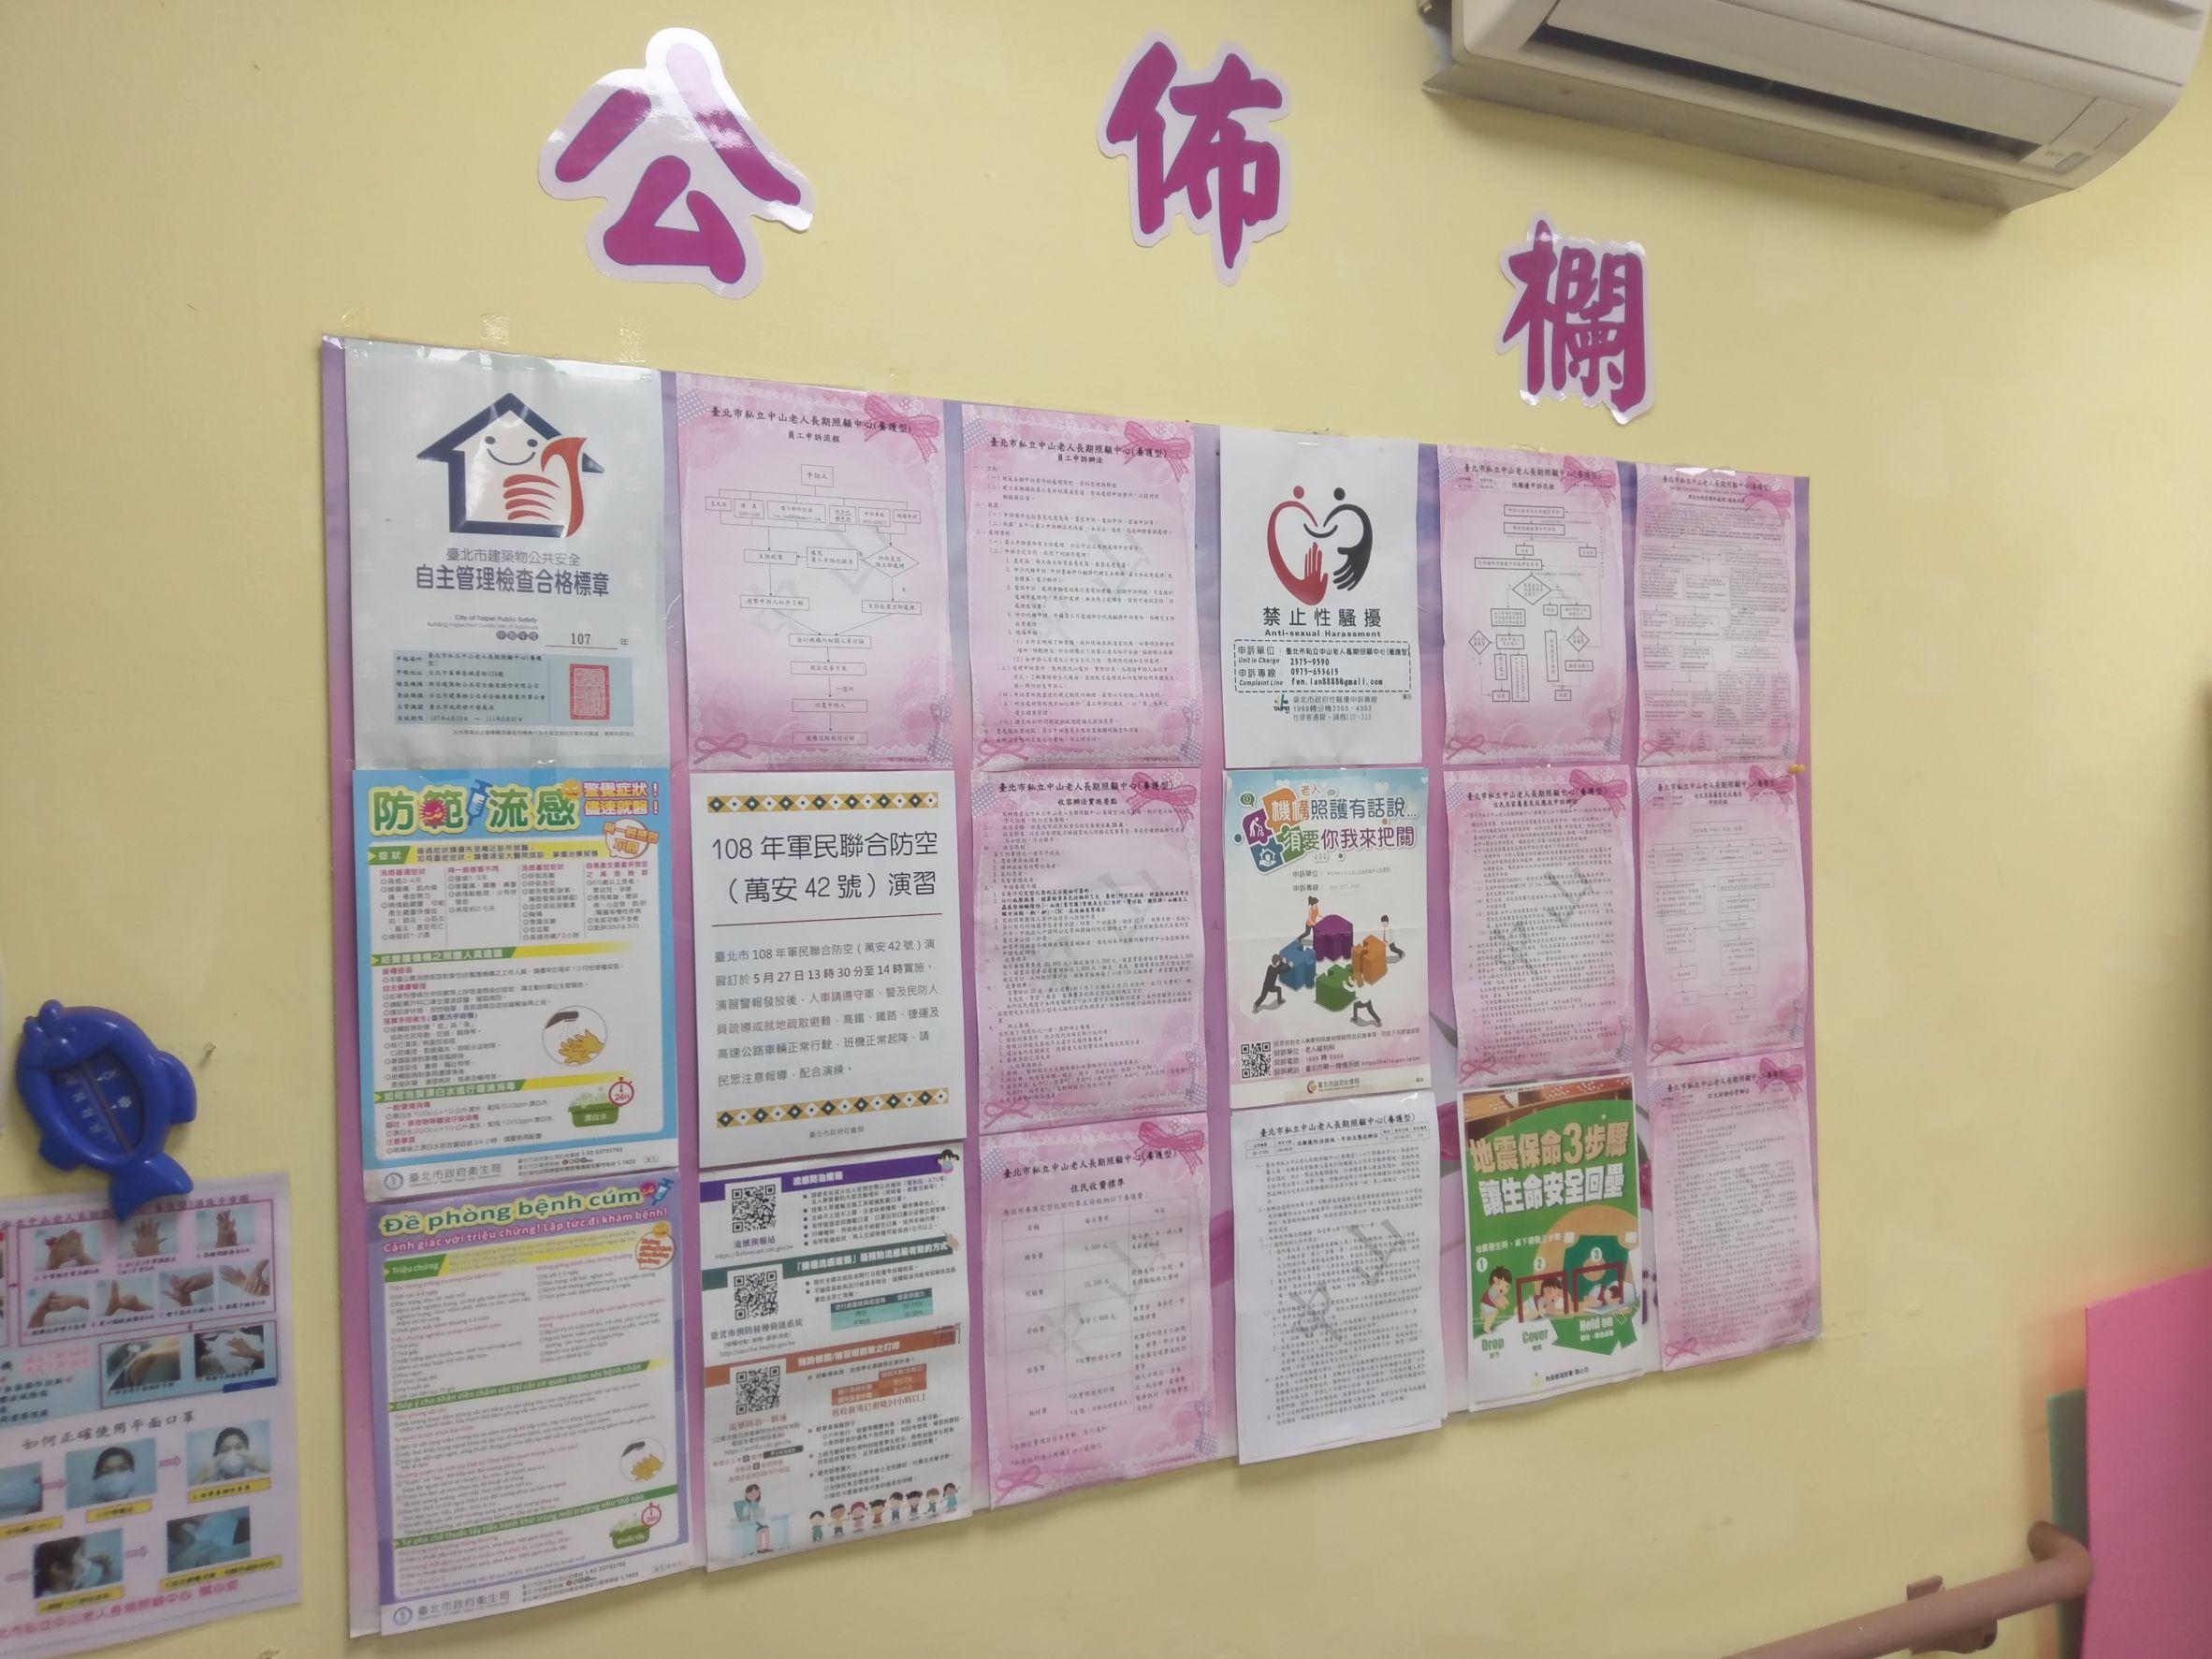 台北市私立中山老人長期照顧中心(養護型)-公佈欄